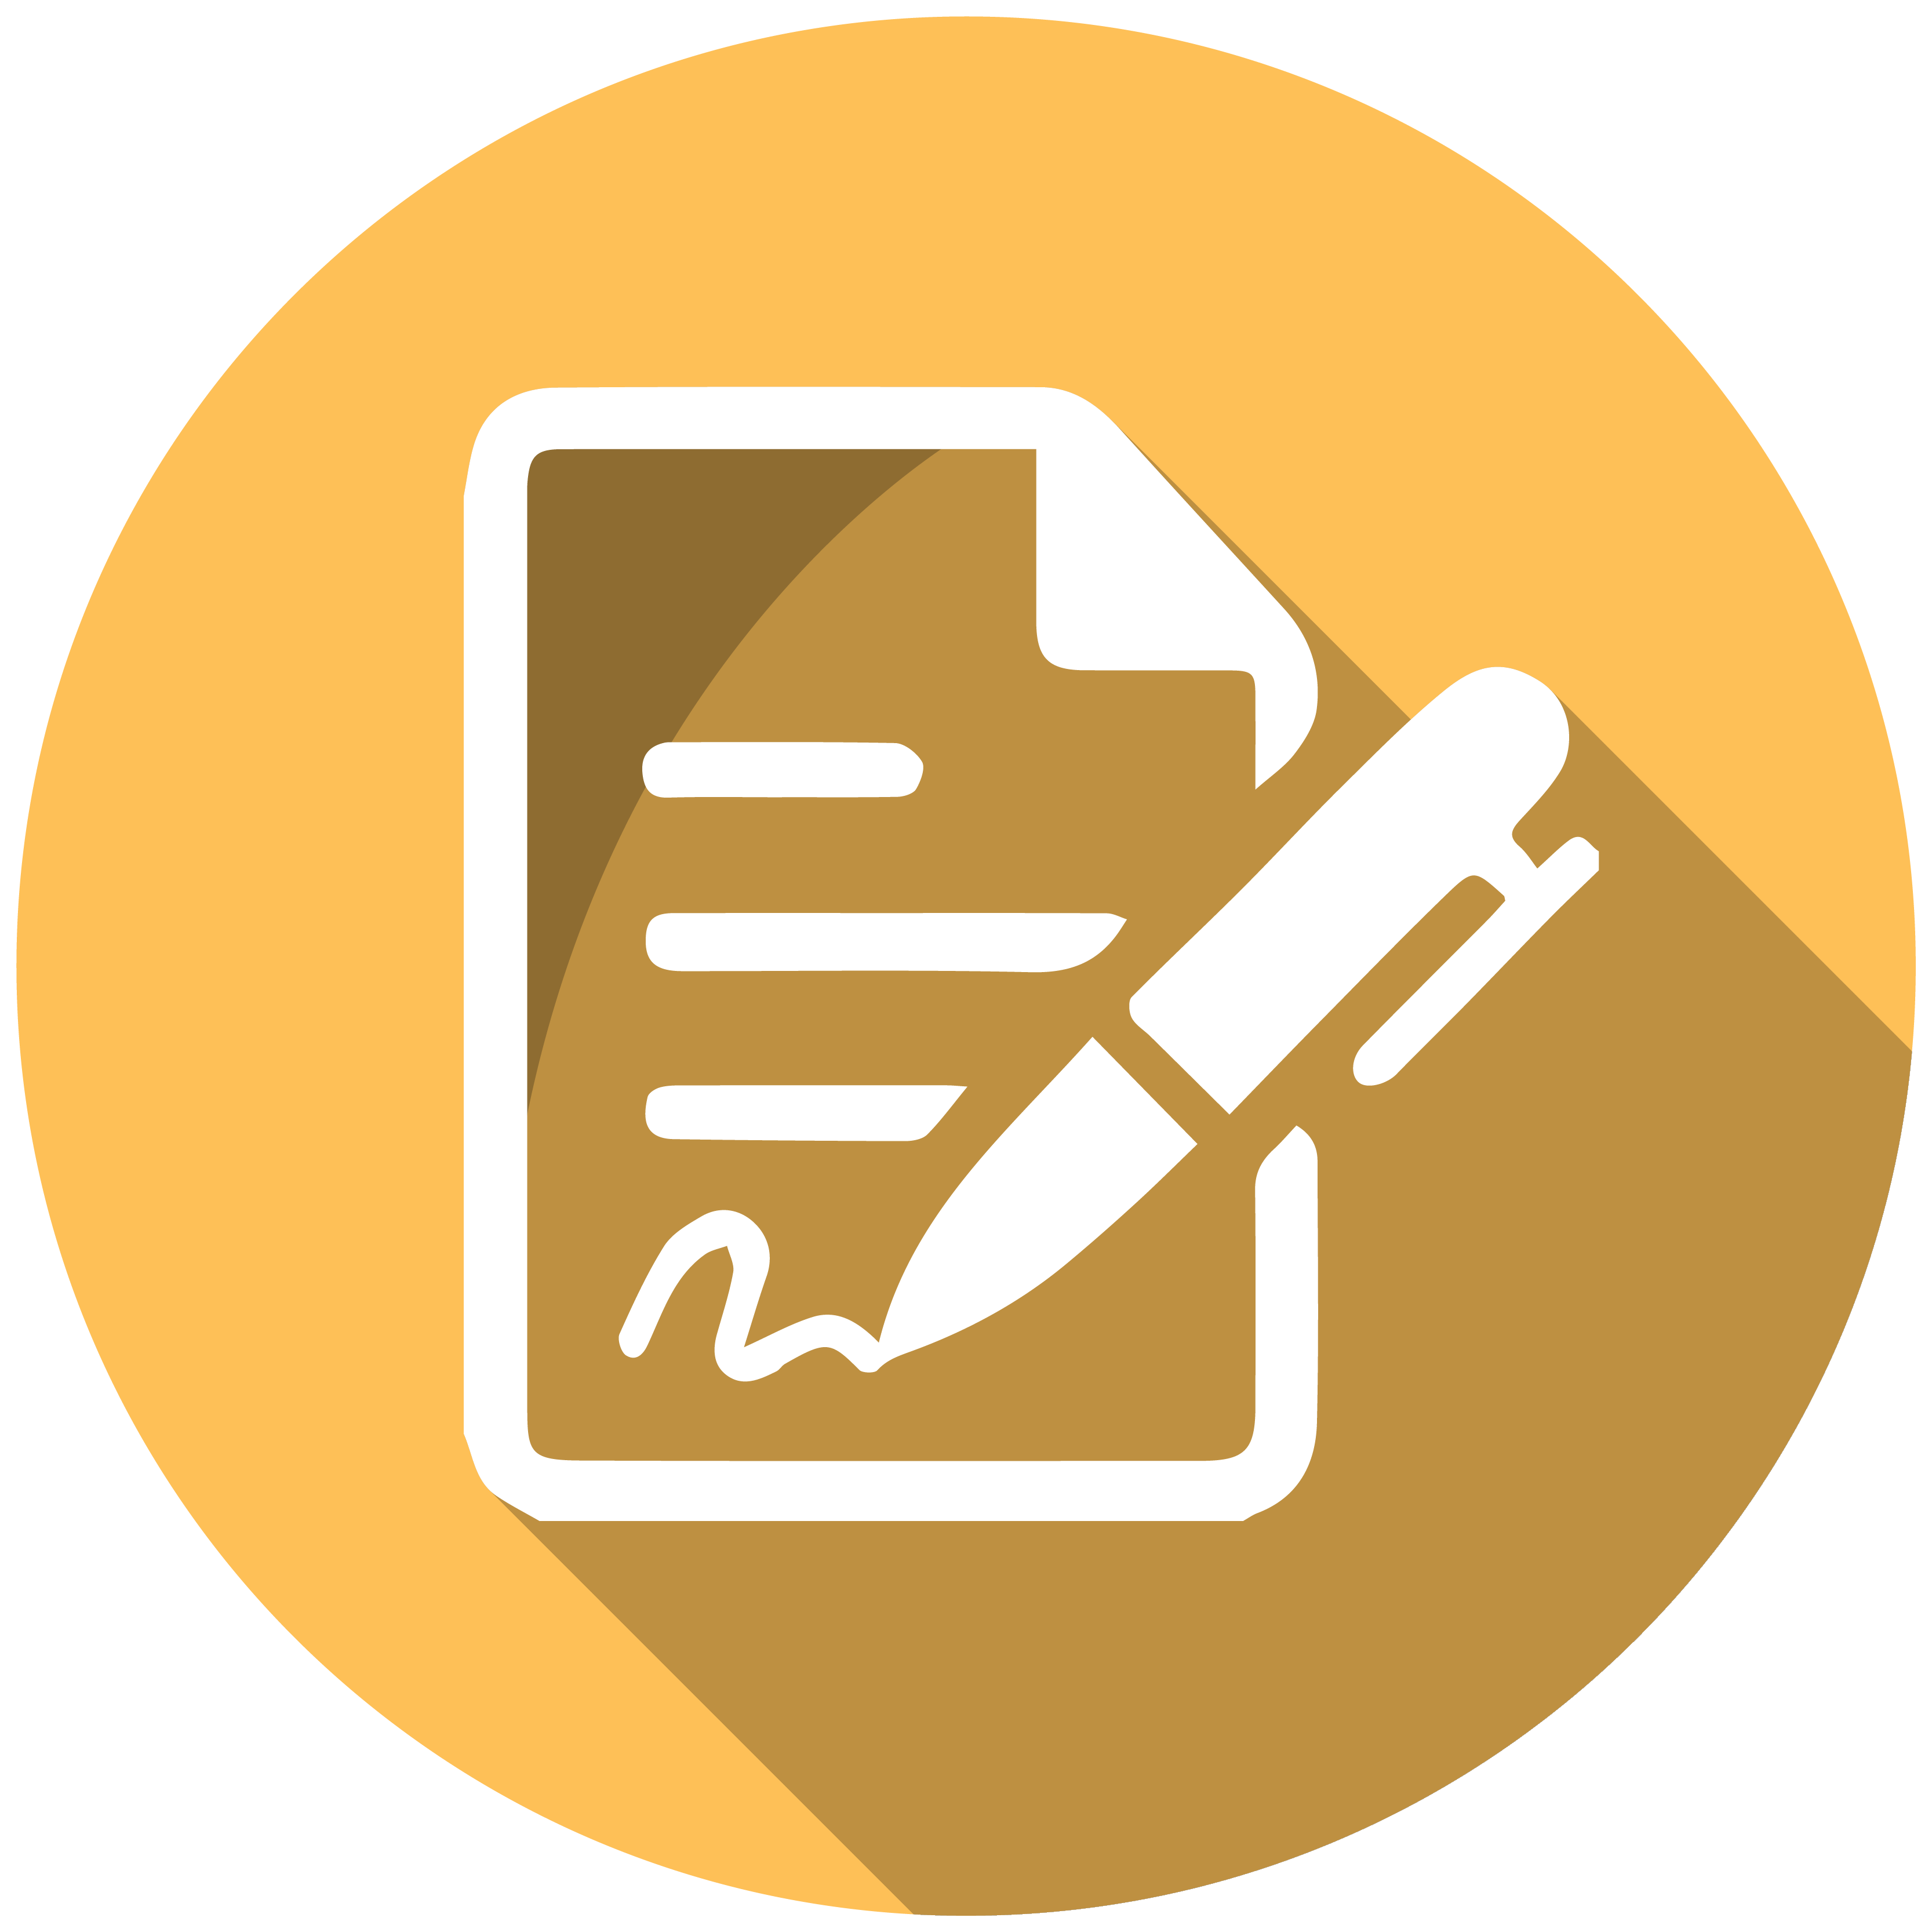 دانلود فایل ( رابطه بین شیوه های فرزند پروری با مرکز کنترل در دانش آموزان)